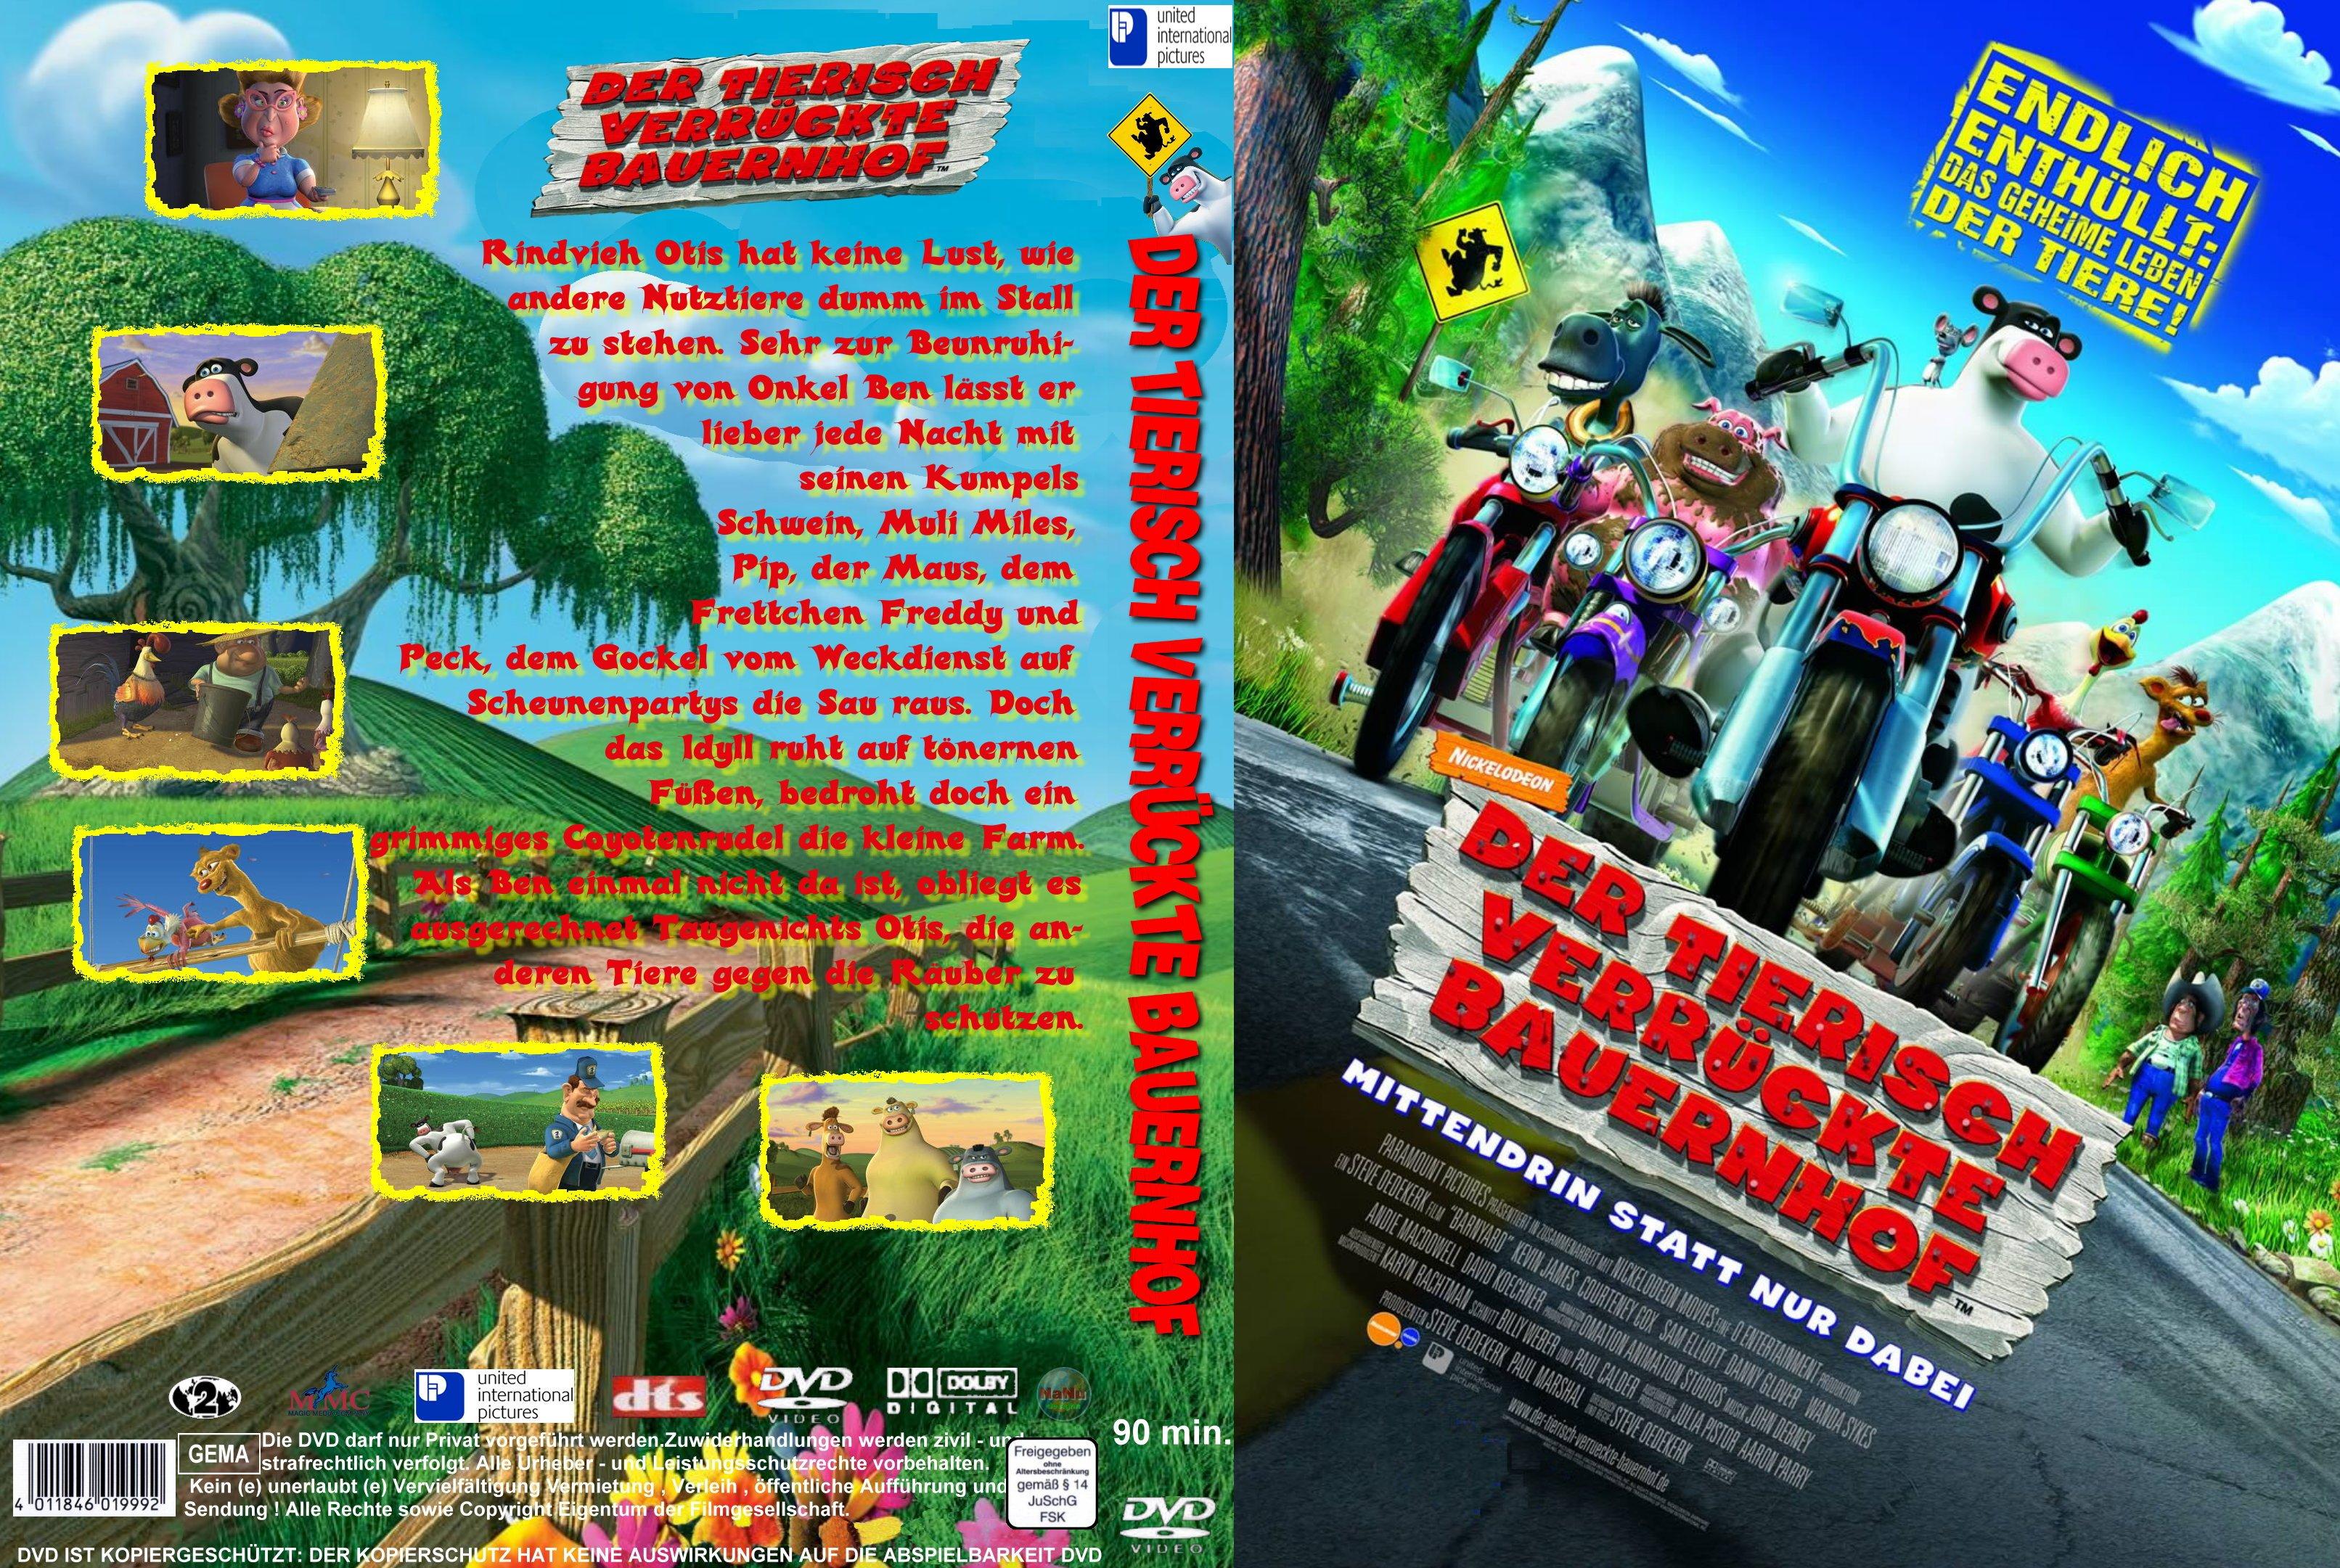 Der tierisch verrückte Bauernhof | German DVD Covers